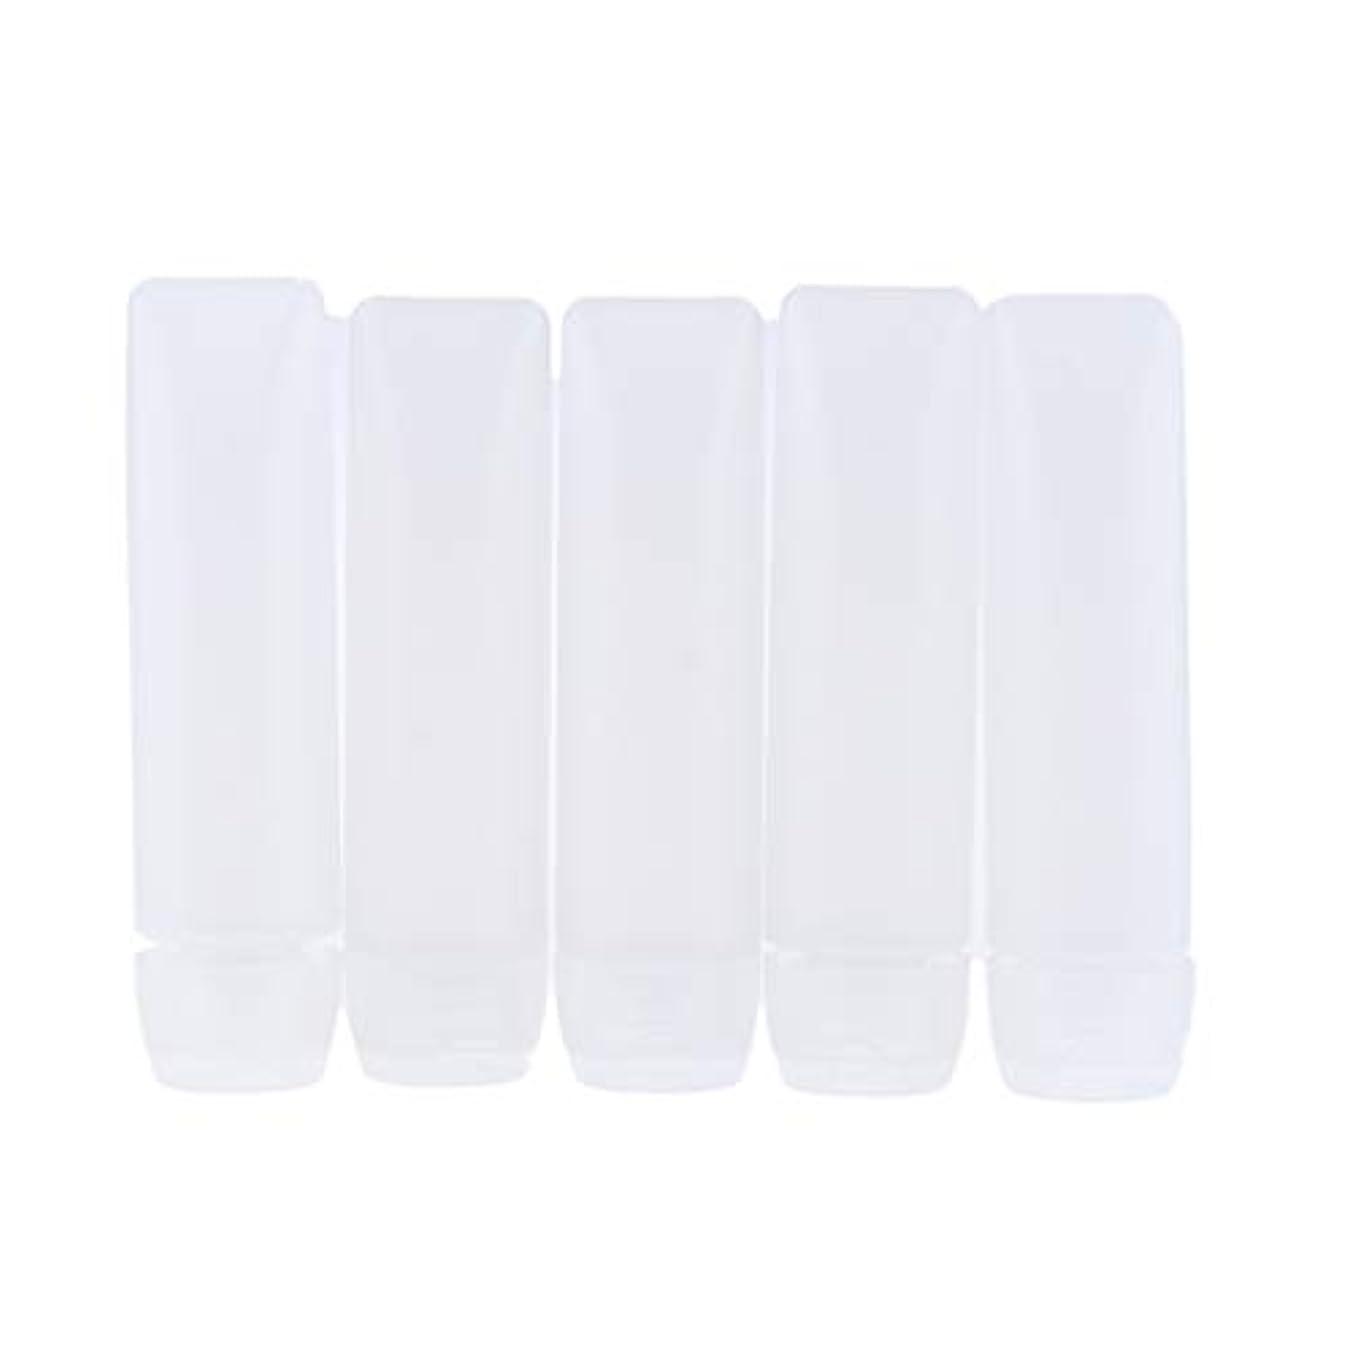 育成胚芽冷える5本 スクイズチューブ 空チューブ 詰め替え用ボトル トラベル 小分け容器 詰替え容器 全2サイズ - 30g